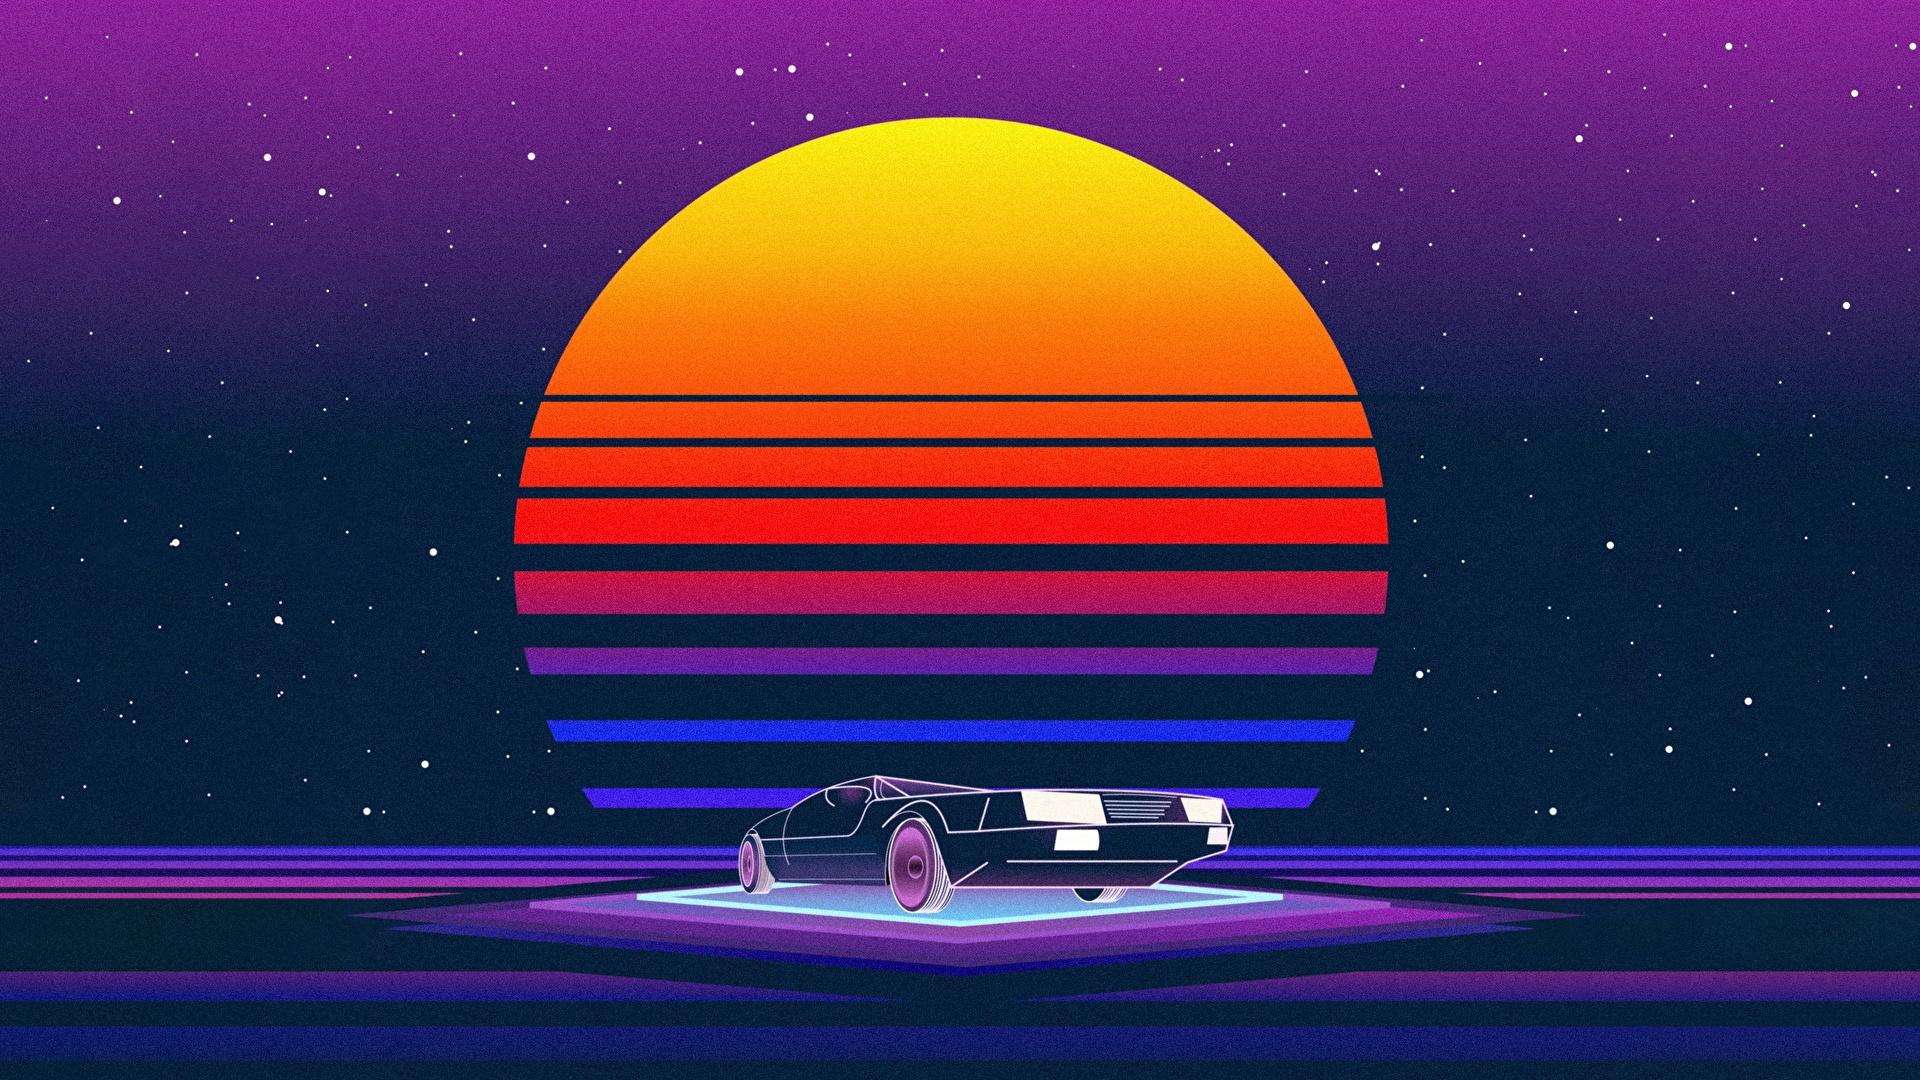 Фото DeLorean Ретровейв Солнце Автомобили 1920x1080 Делориан Синтвейв солнца авто машина машины автомобиль